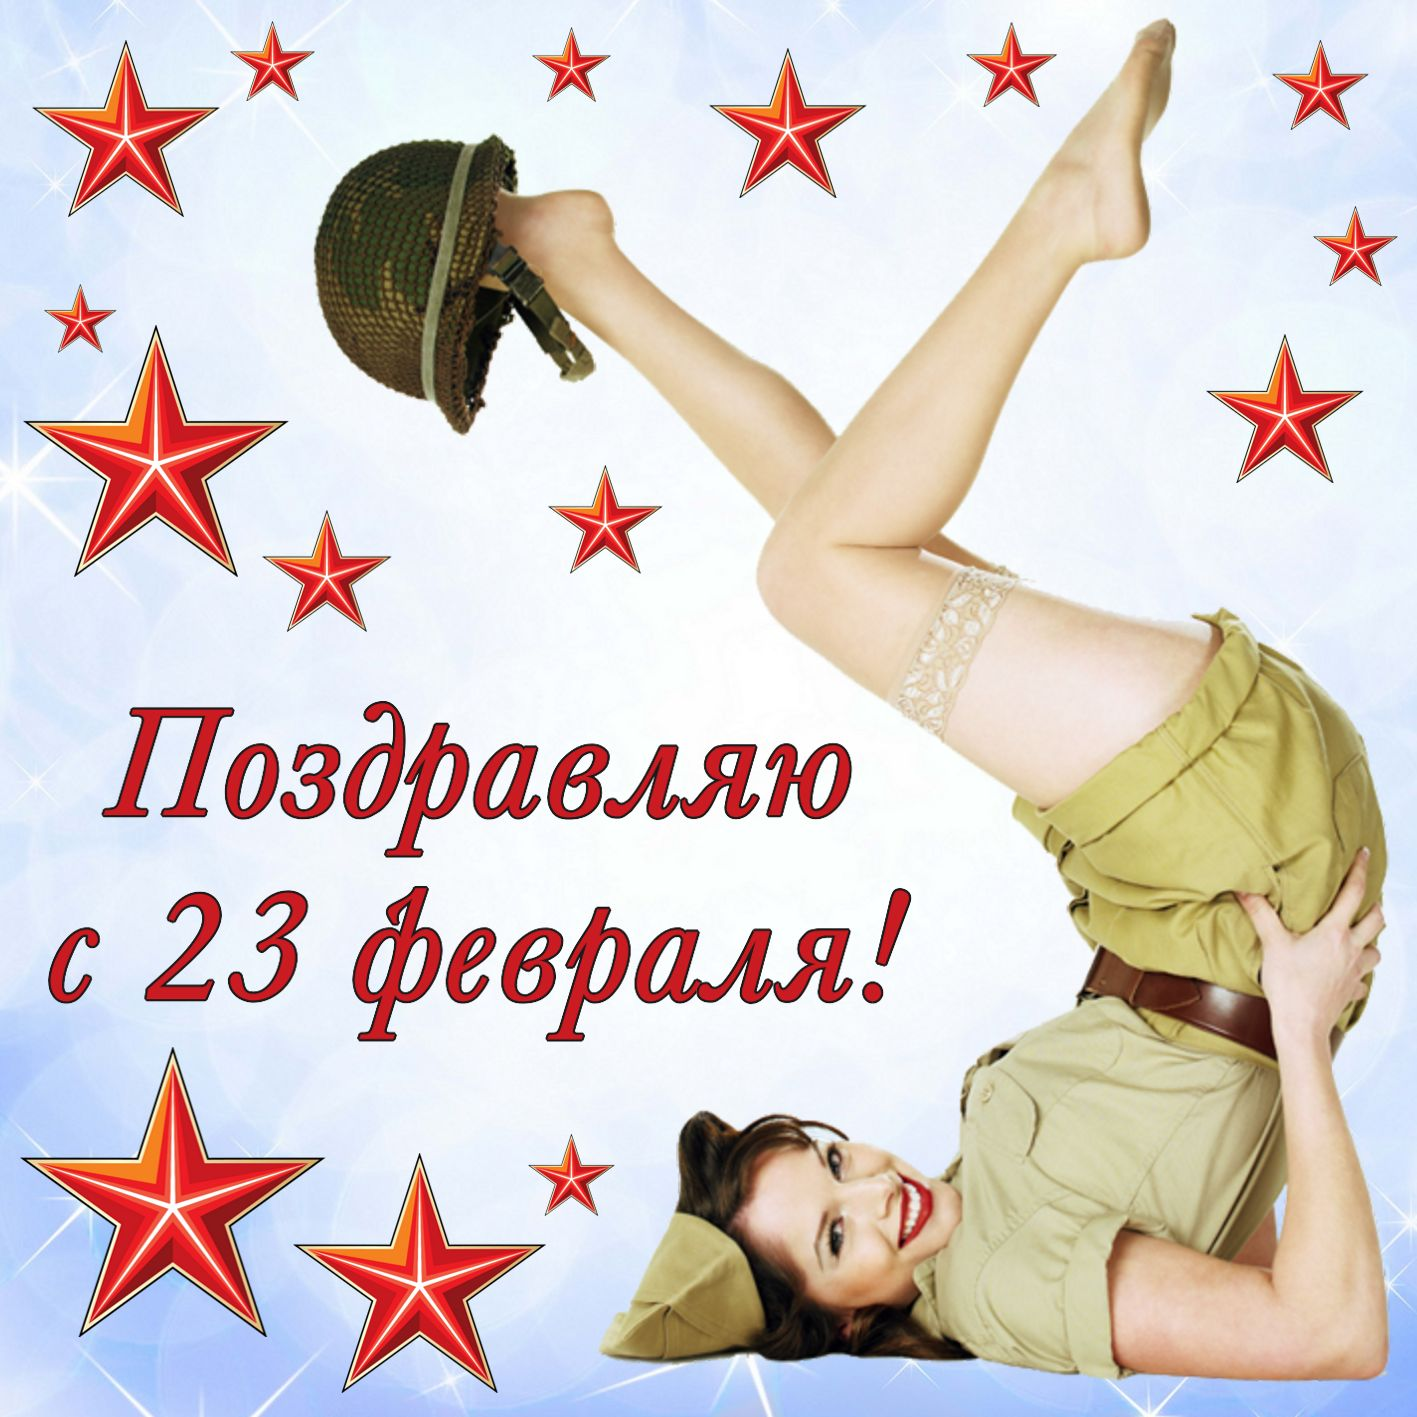 Ксюшеньке, поздравление с 23 февраля картинка с блондинкой